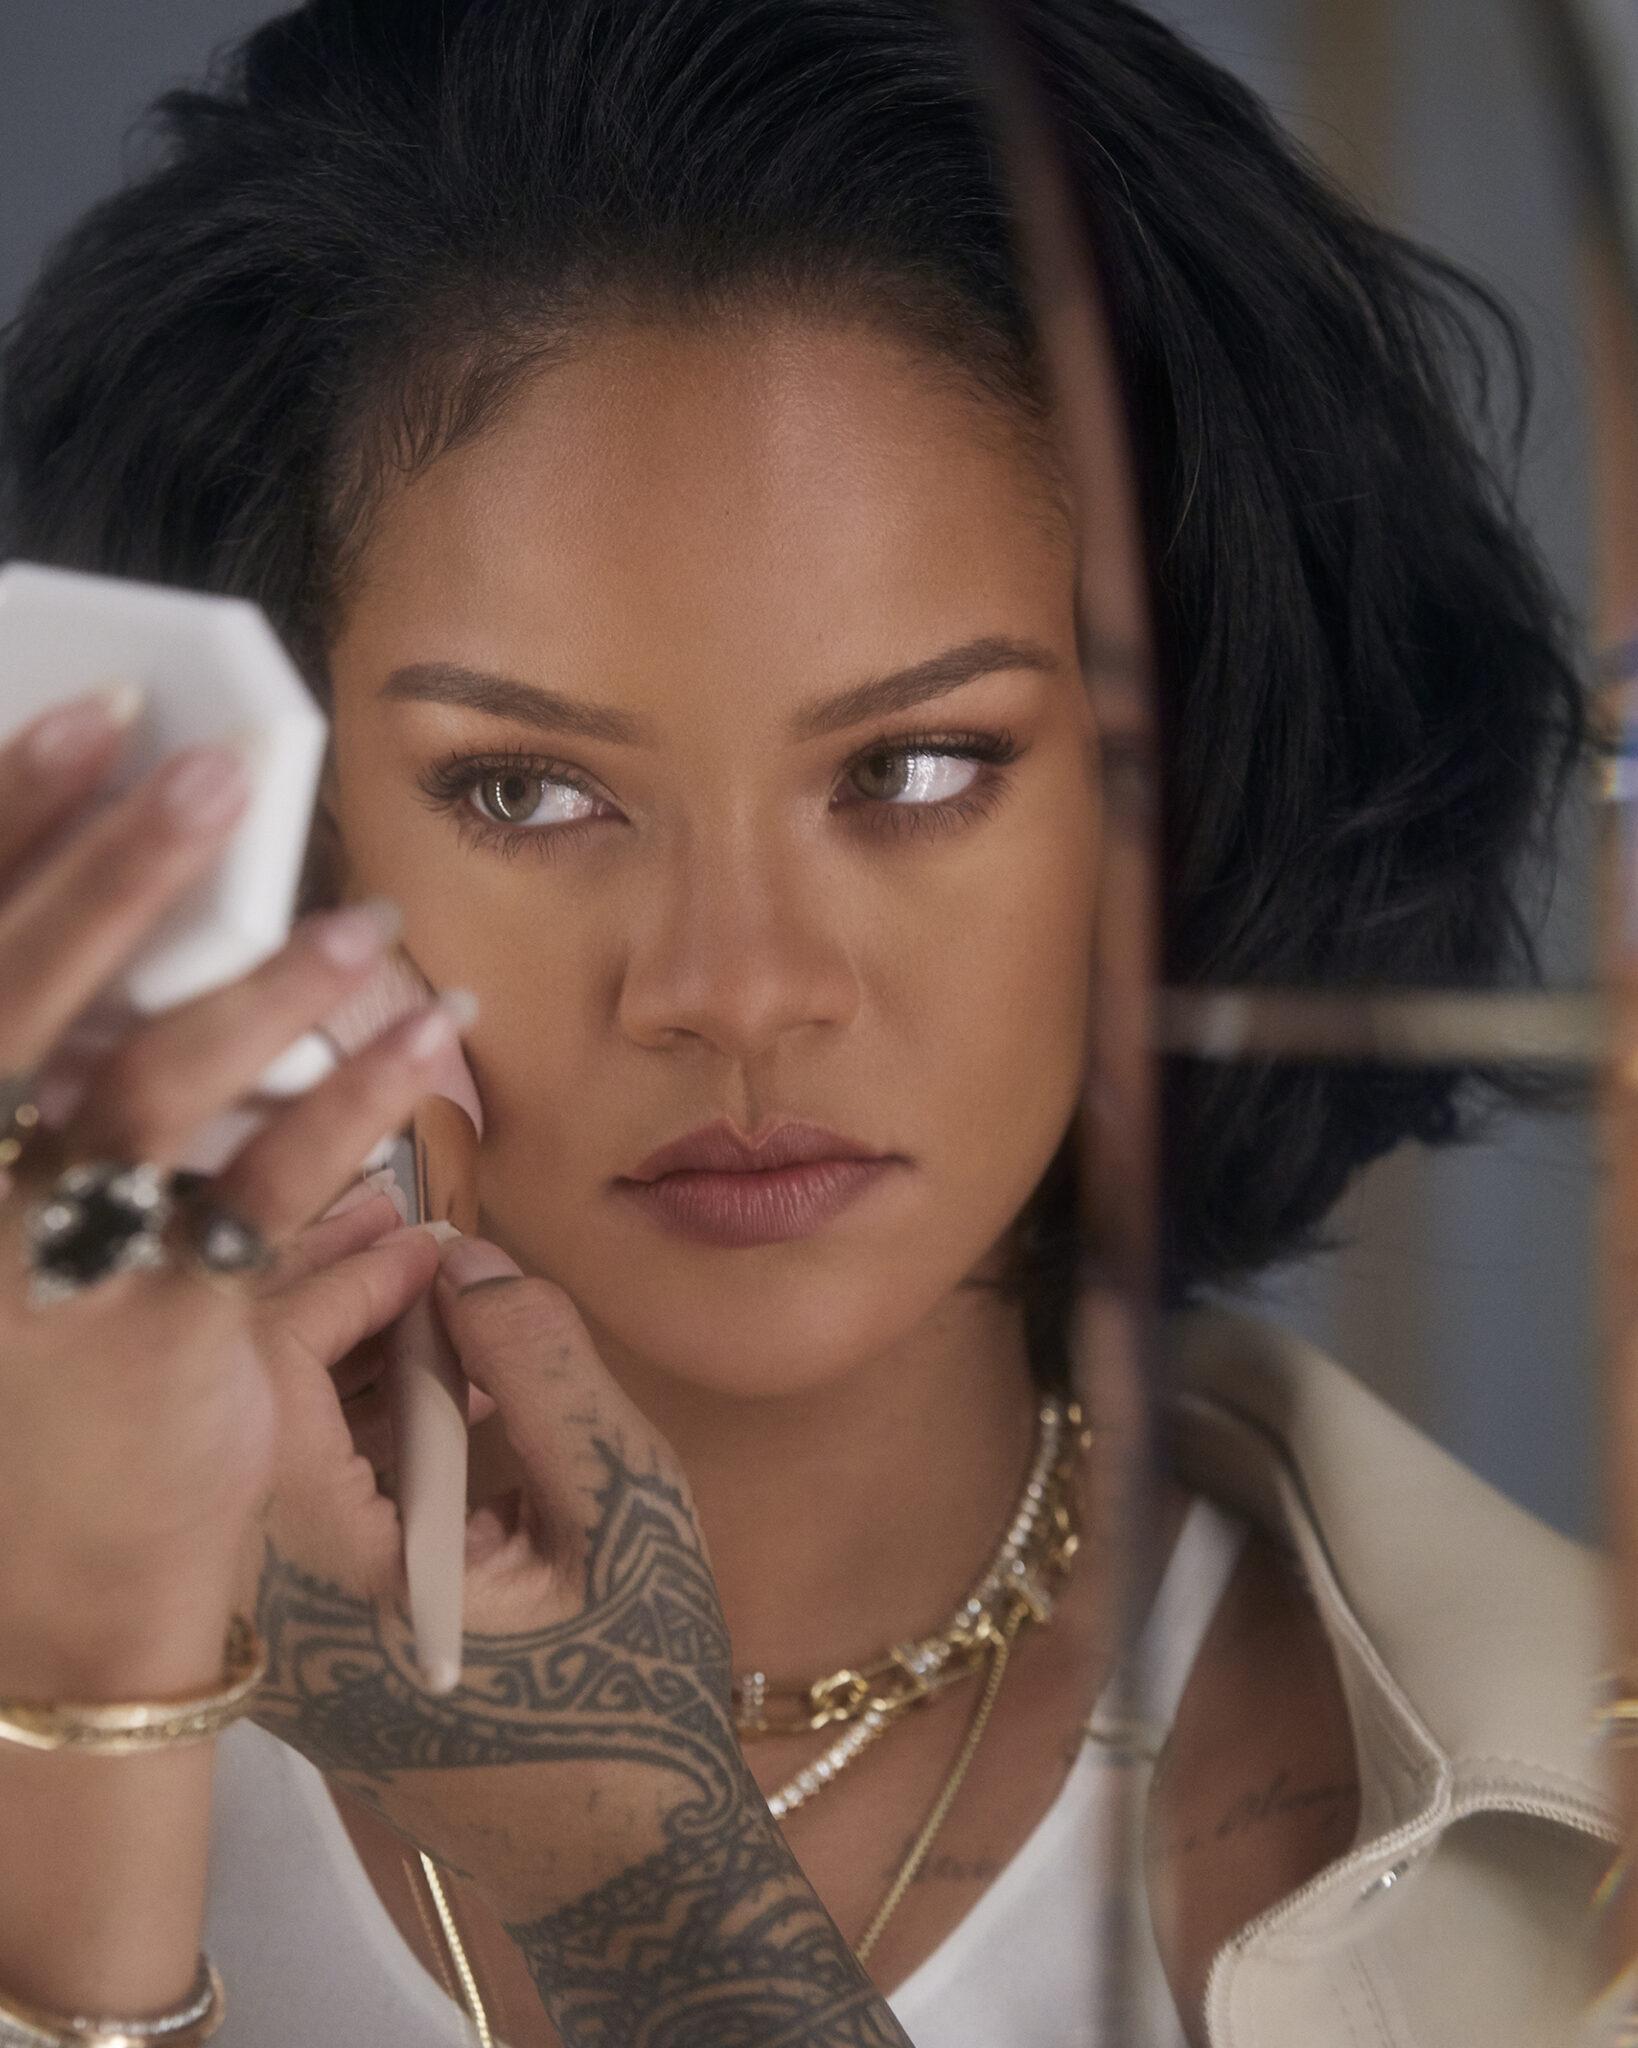 Nå kommer Rihanna sitt Fenty Beauty til Norge